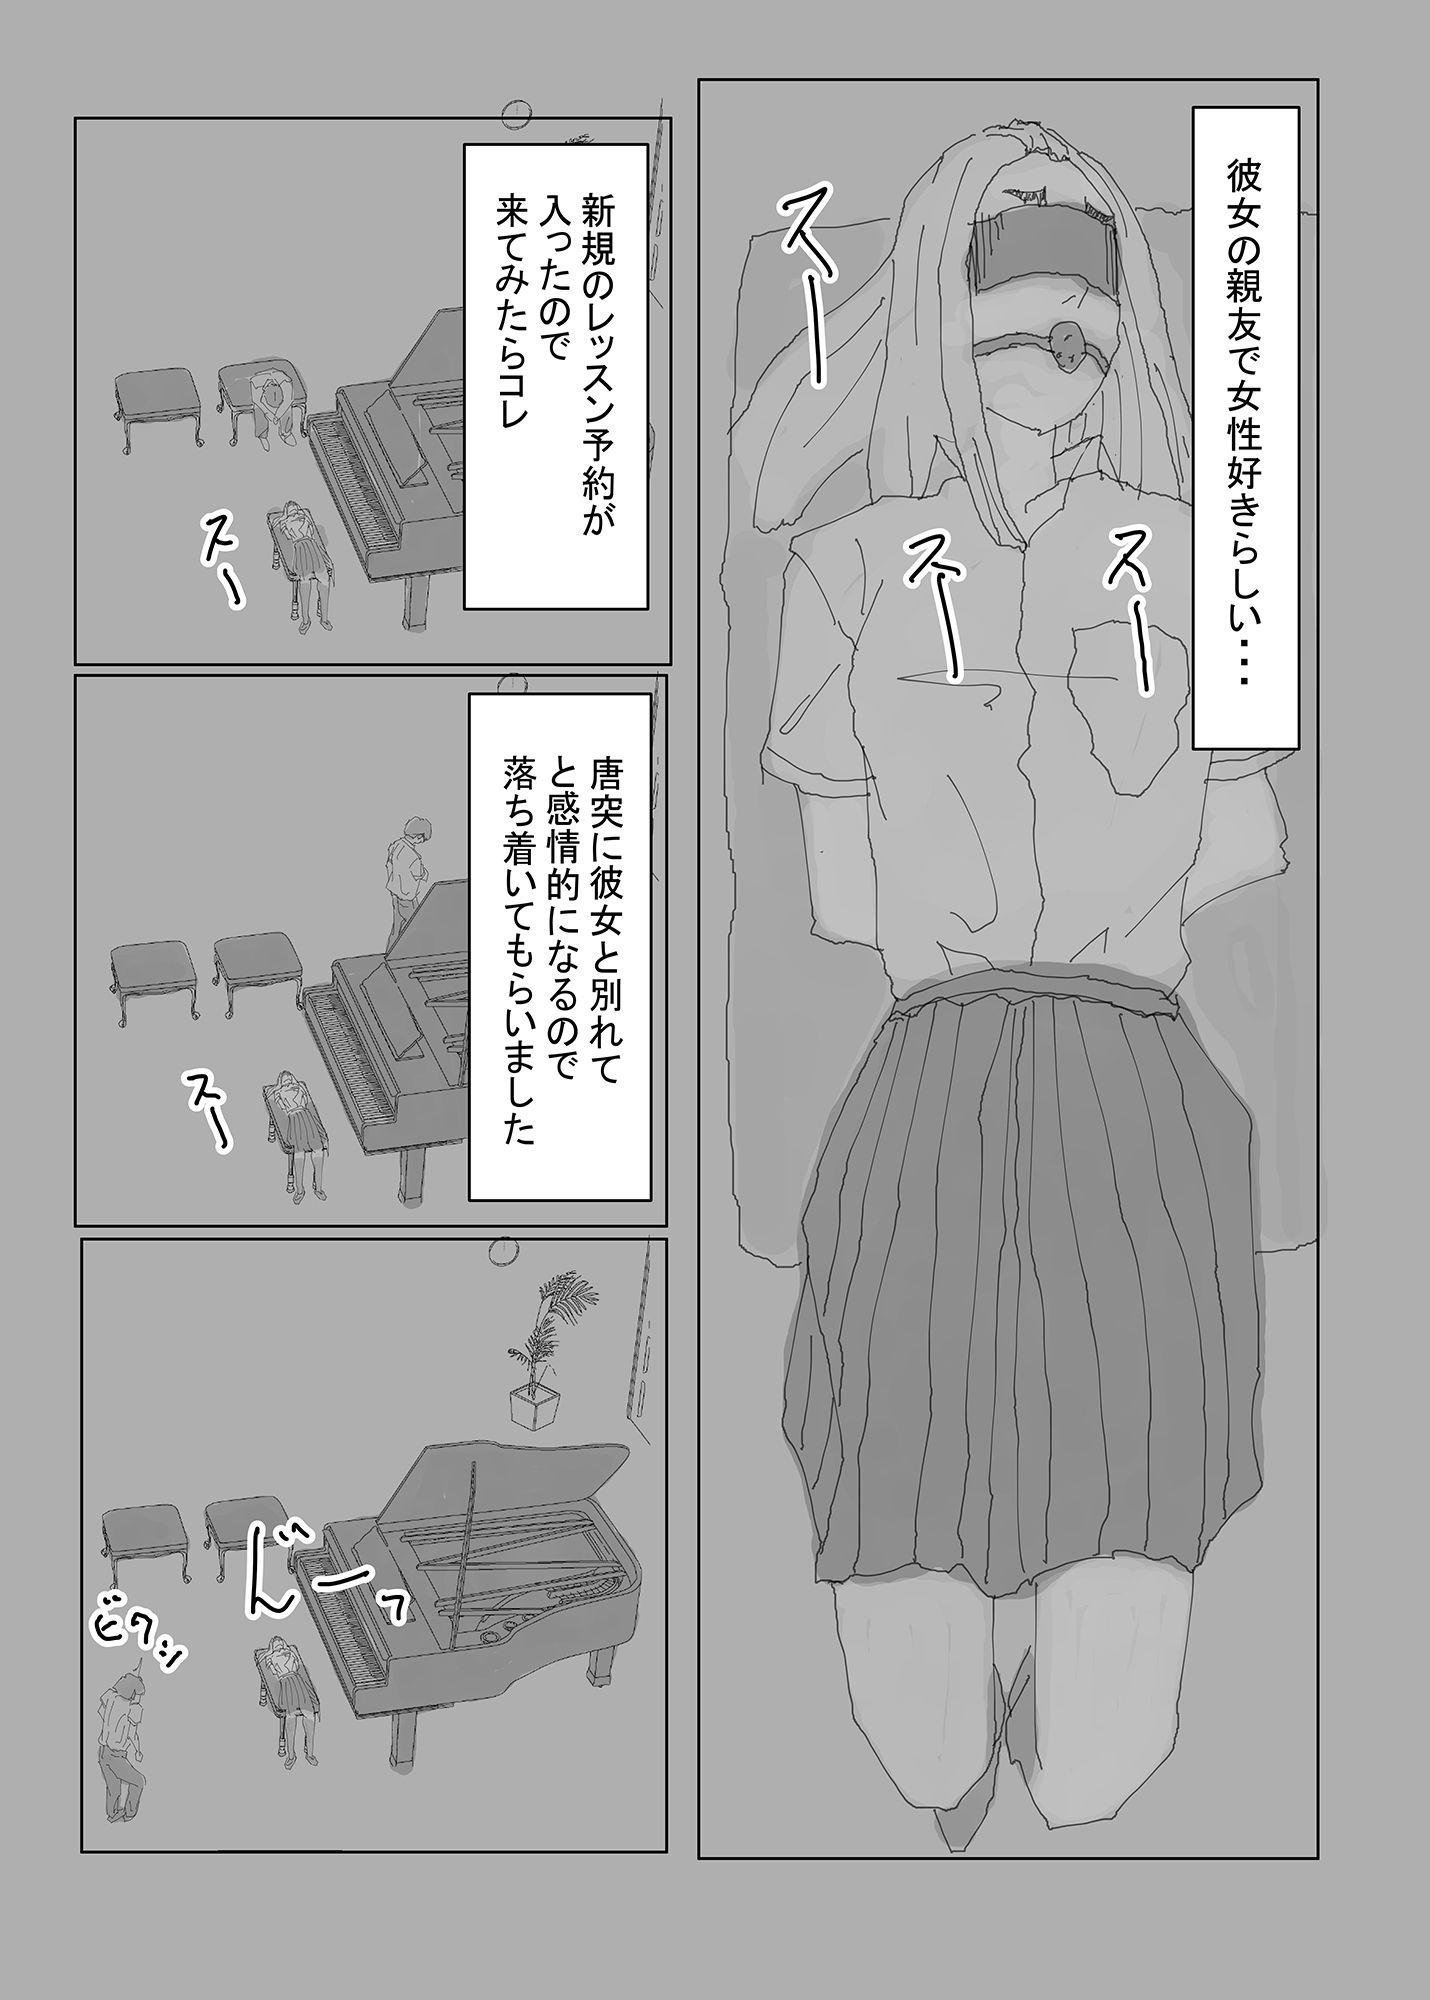 好きな人の奪い方 (朝霧麗子編。失敗ケース1)